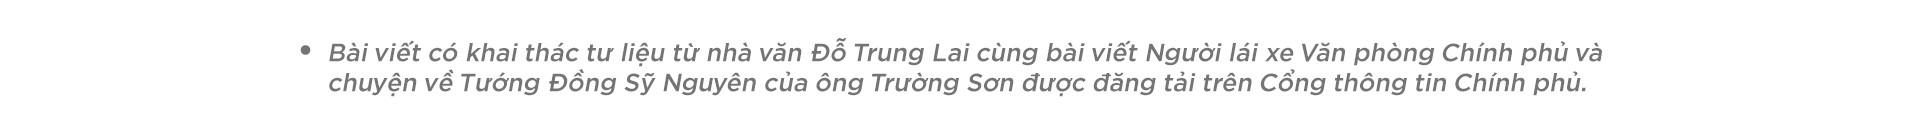 Vĩnh biệt vị tướng già huyền thoại - Đồng Sỹ Nguyên - Ảnh 15.